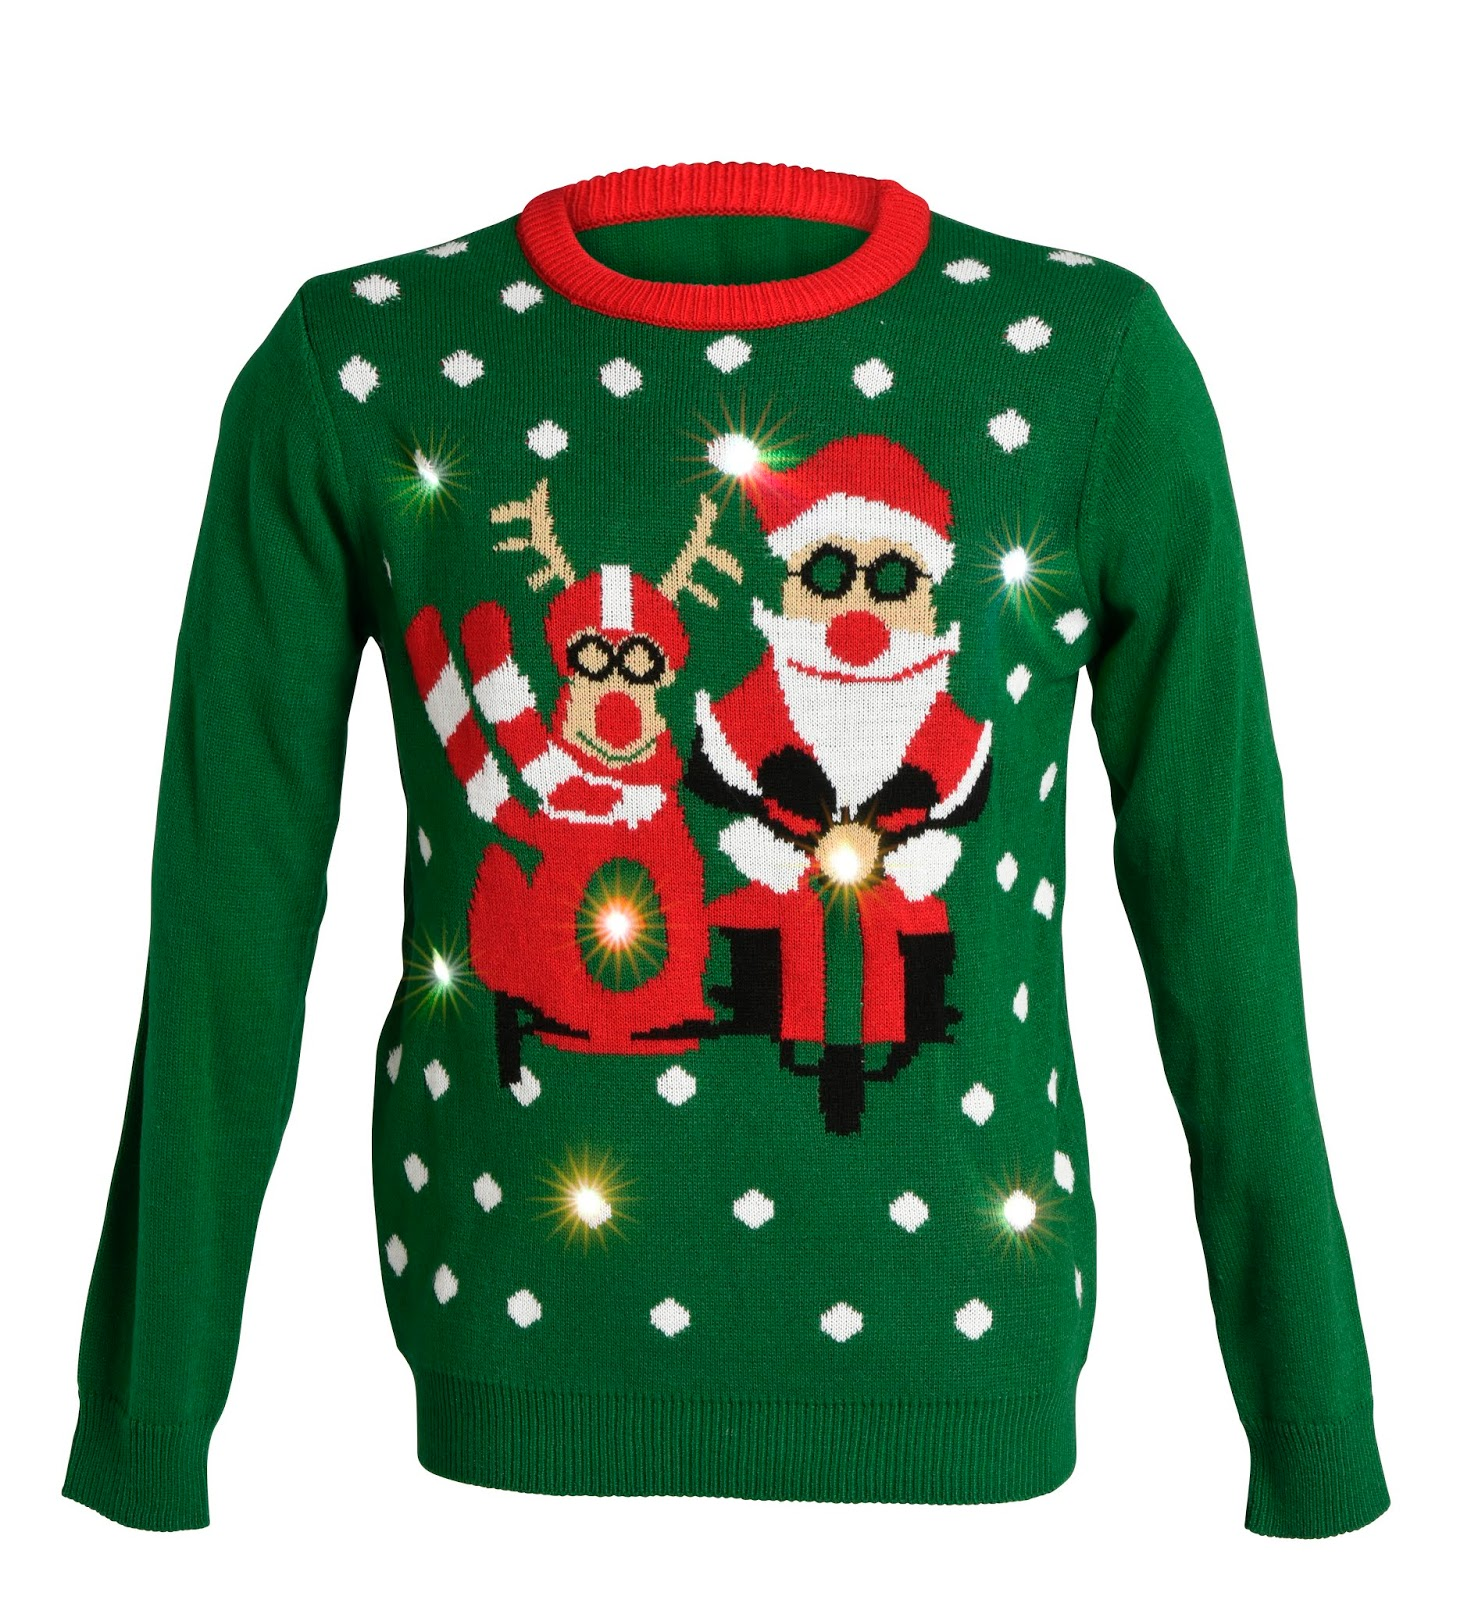 Omtalade Fias Jul - Let it snow: Jultröjor med LED NW-46